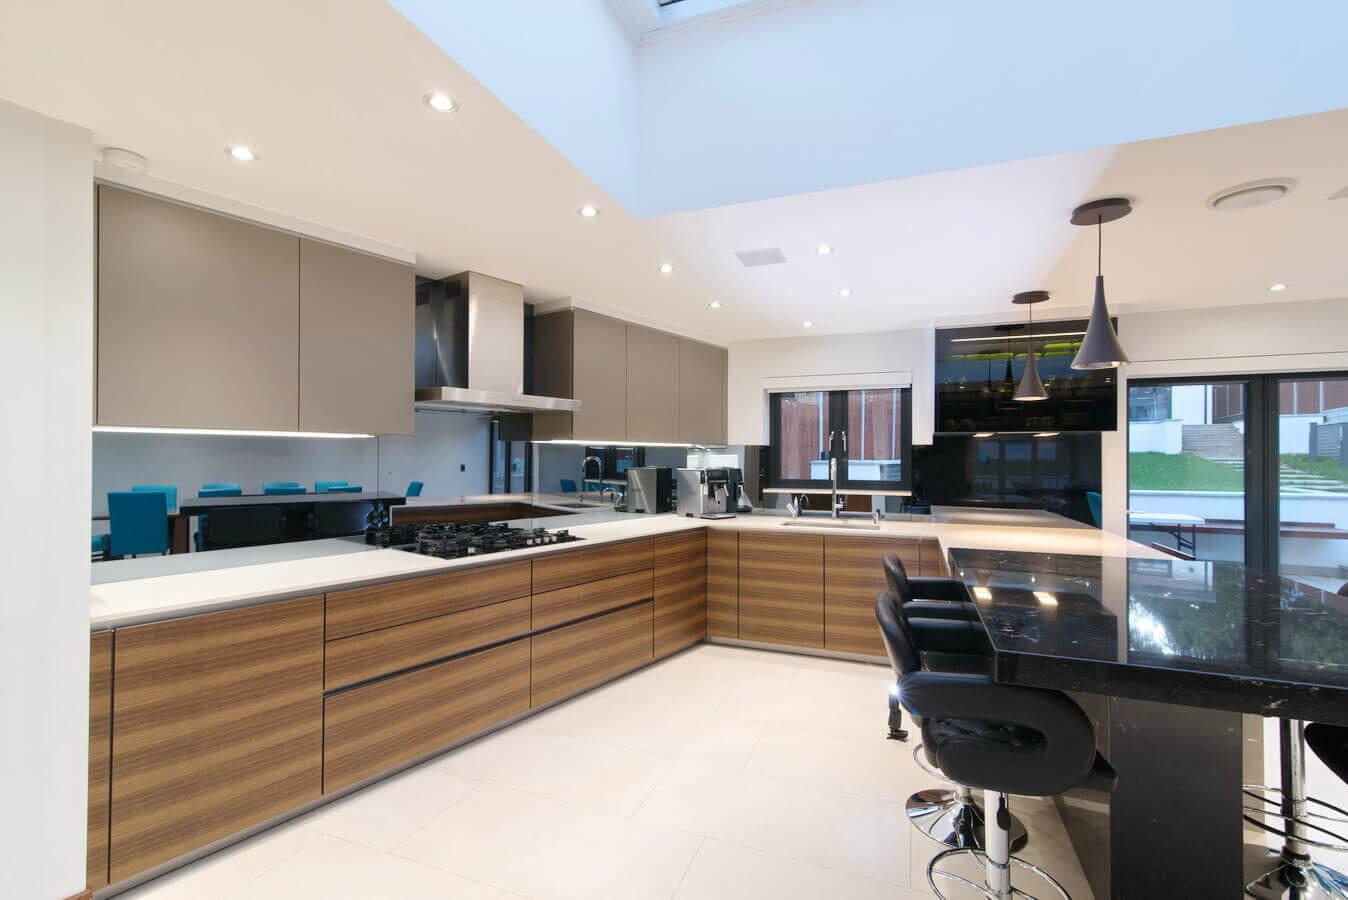 Hob-Warendorf-fitted-kitchen-london-4_2.jpg